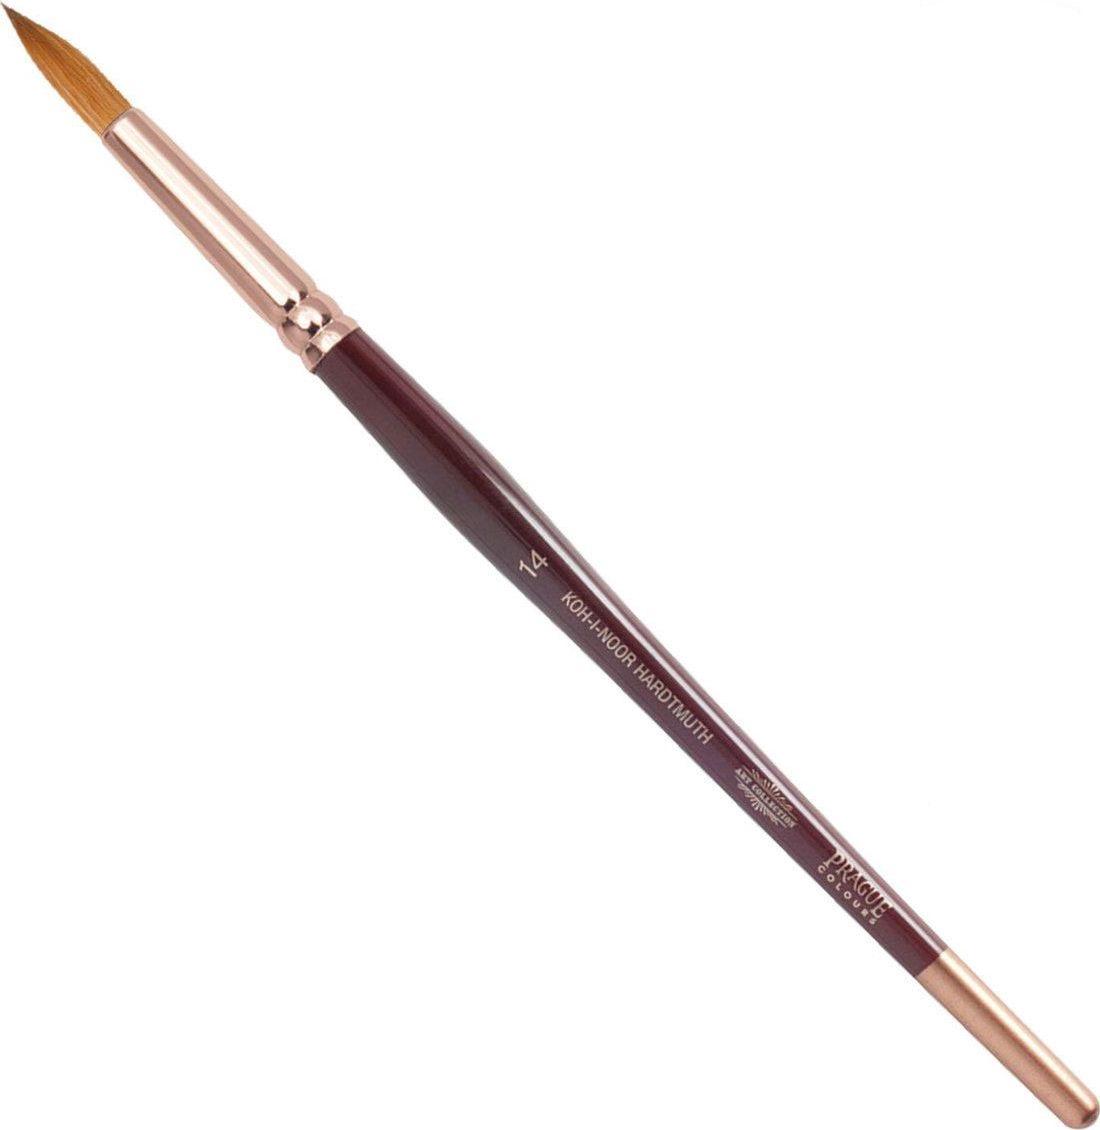 Koh-I-Noor Кисть колонок круглая №14 короткая ручка -  Кисти